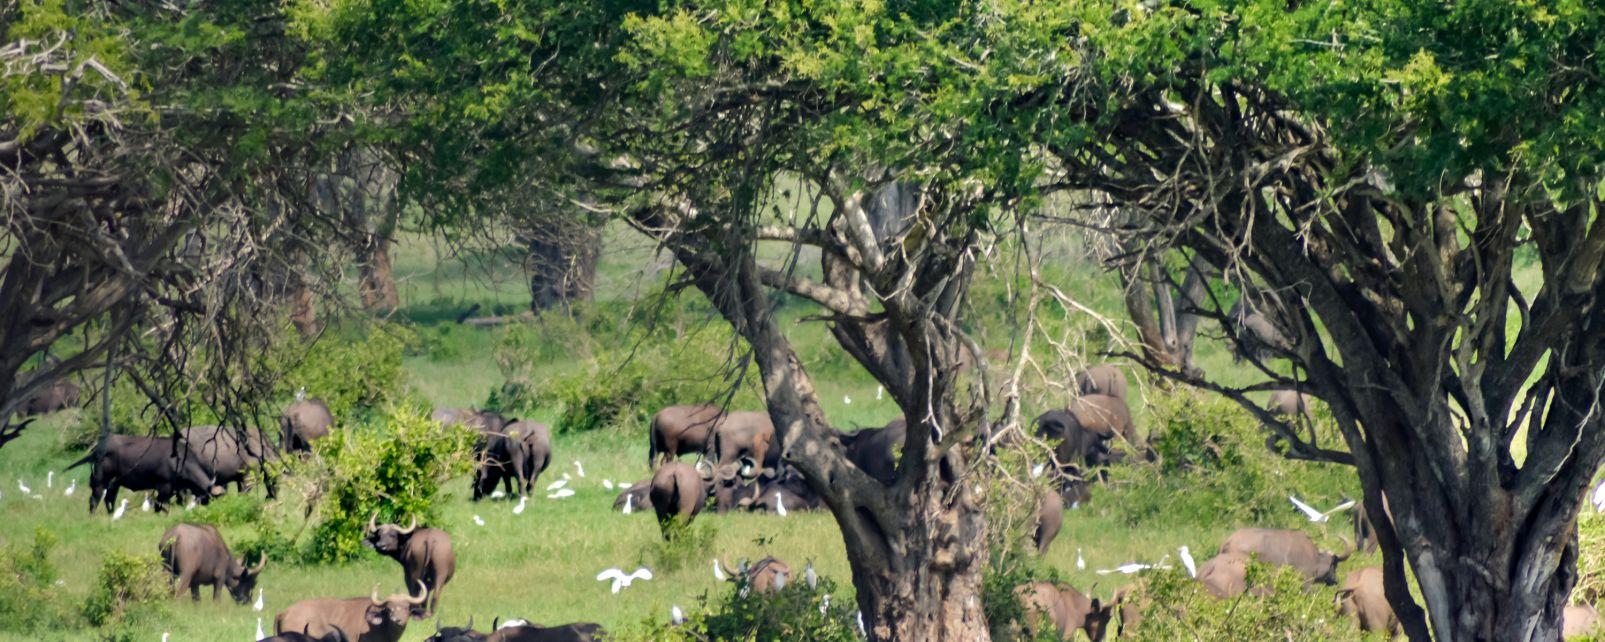 Parques Nacionales de Tai y del Monte Péko, Los Parques Nacionales de Tai y del Monte Peko, Fauna y flora, Costa de Marfil